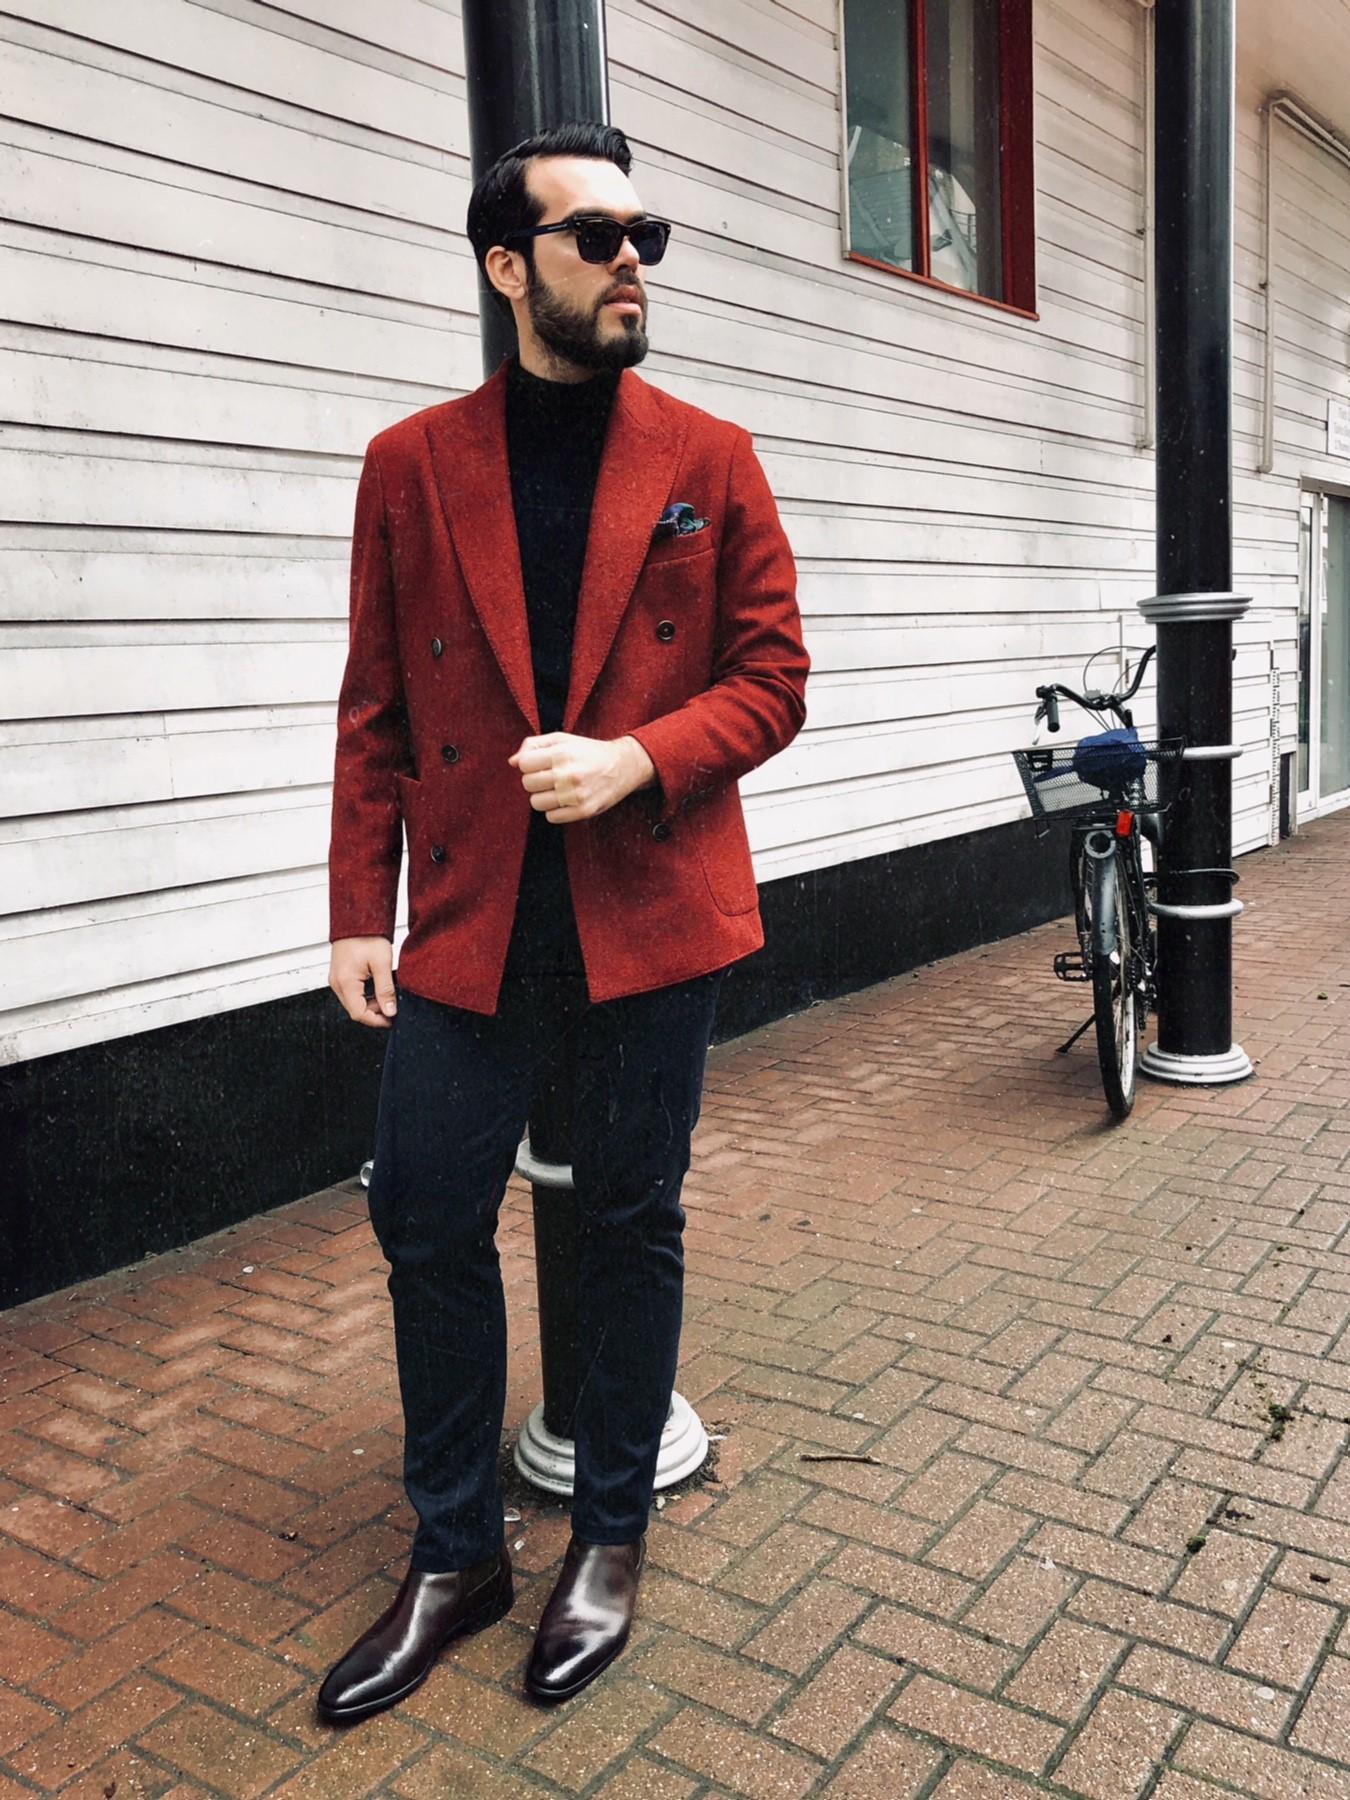 Jacket: Hackhett London / sunglasses: Zegna / Shoes: Santoni / Pants & Turtle Neck: Massimo Dutti